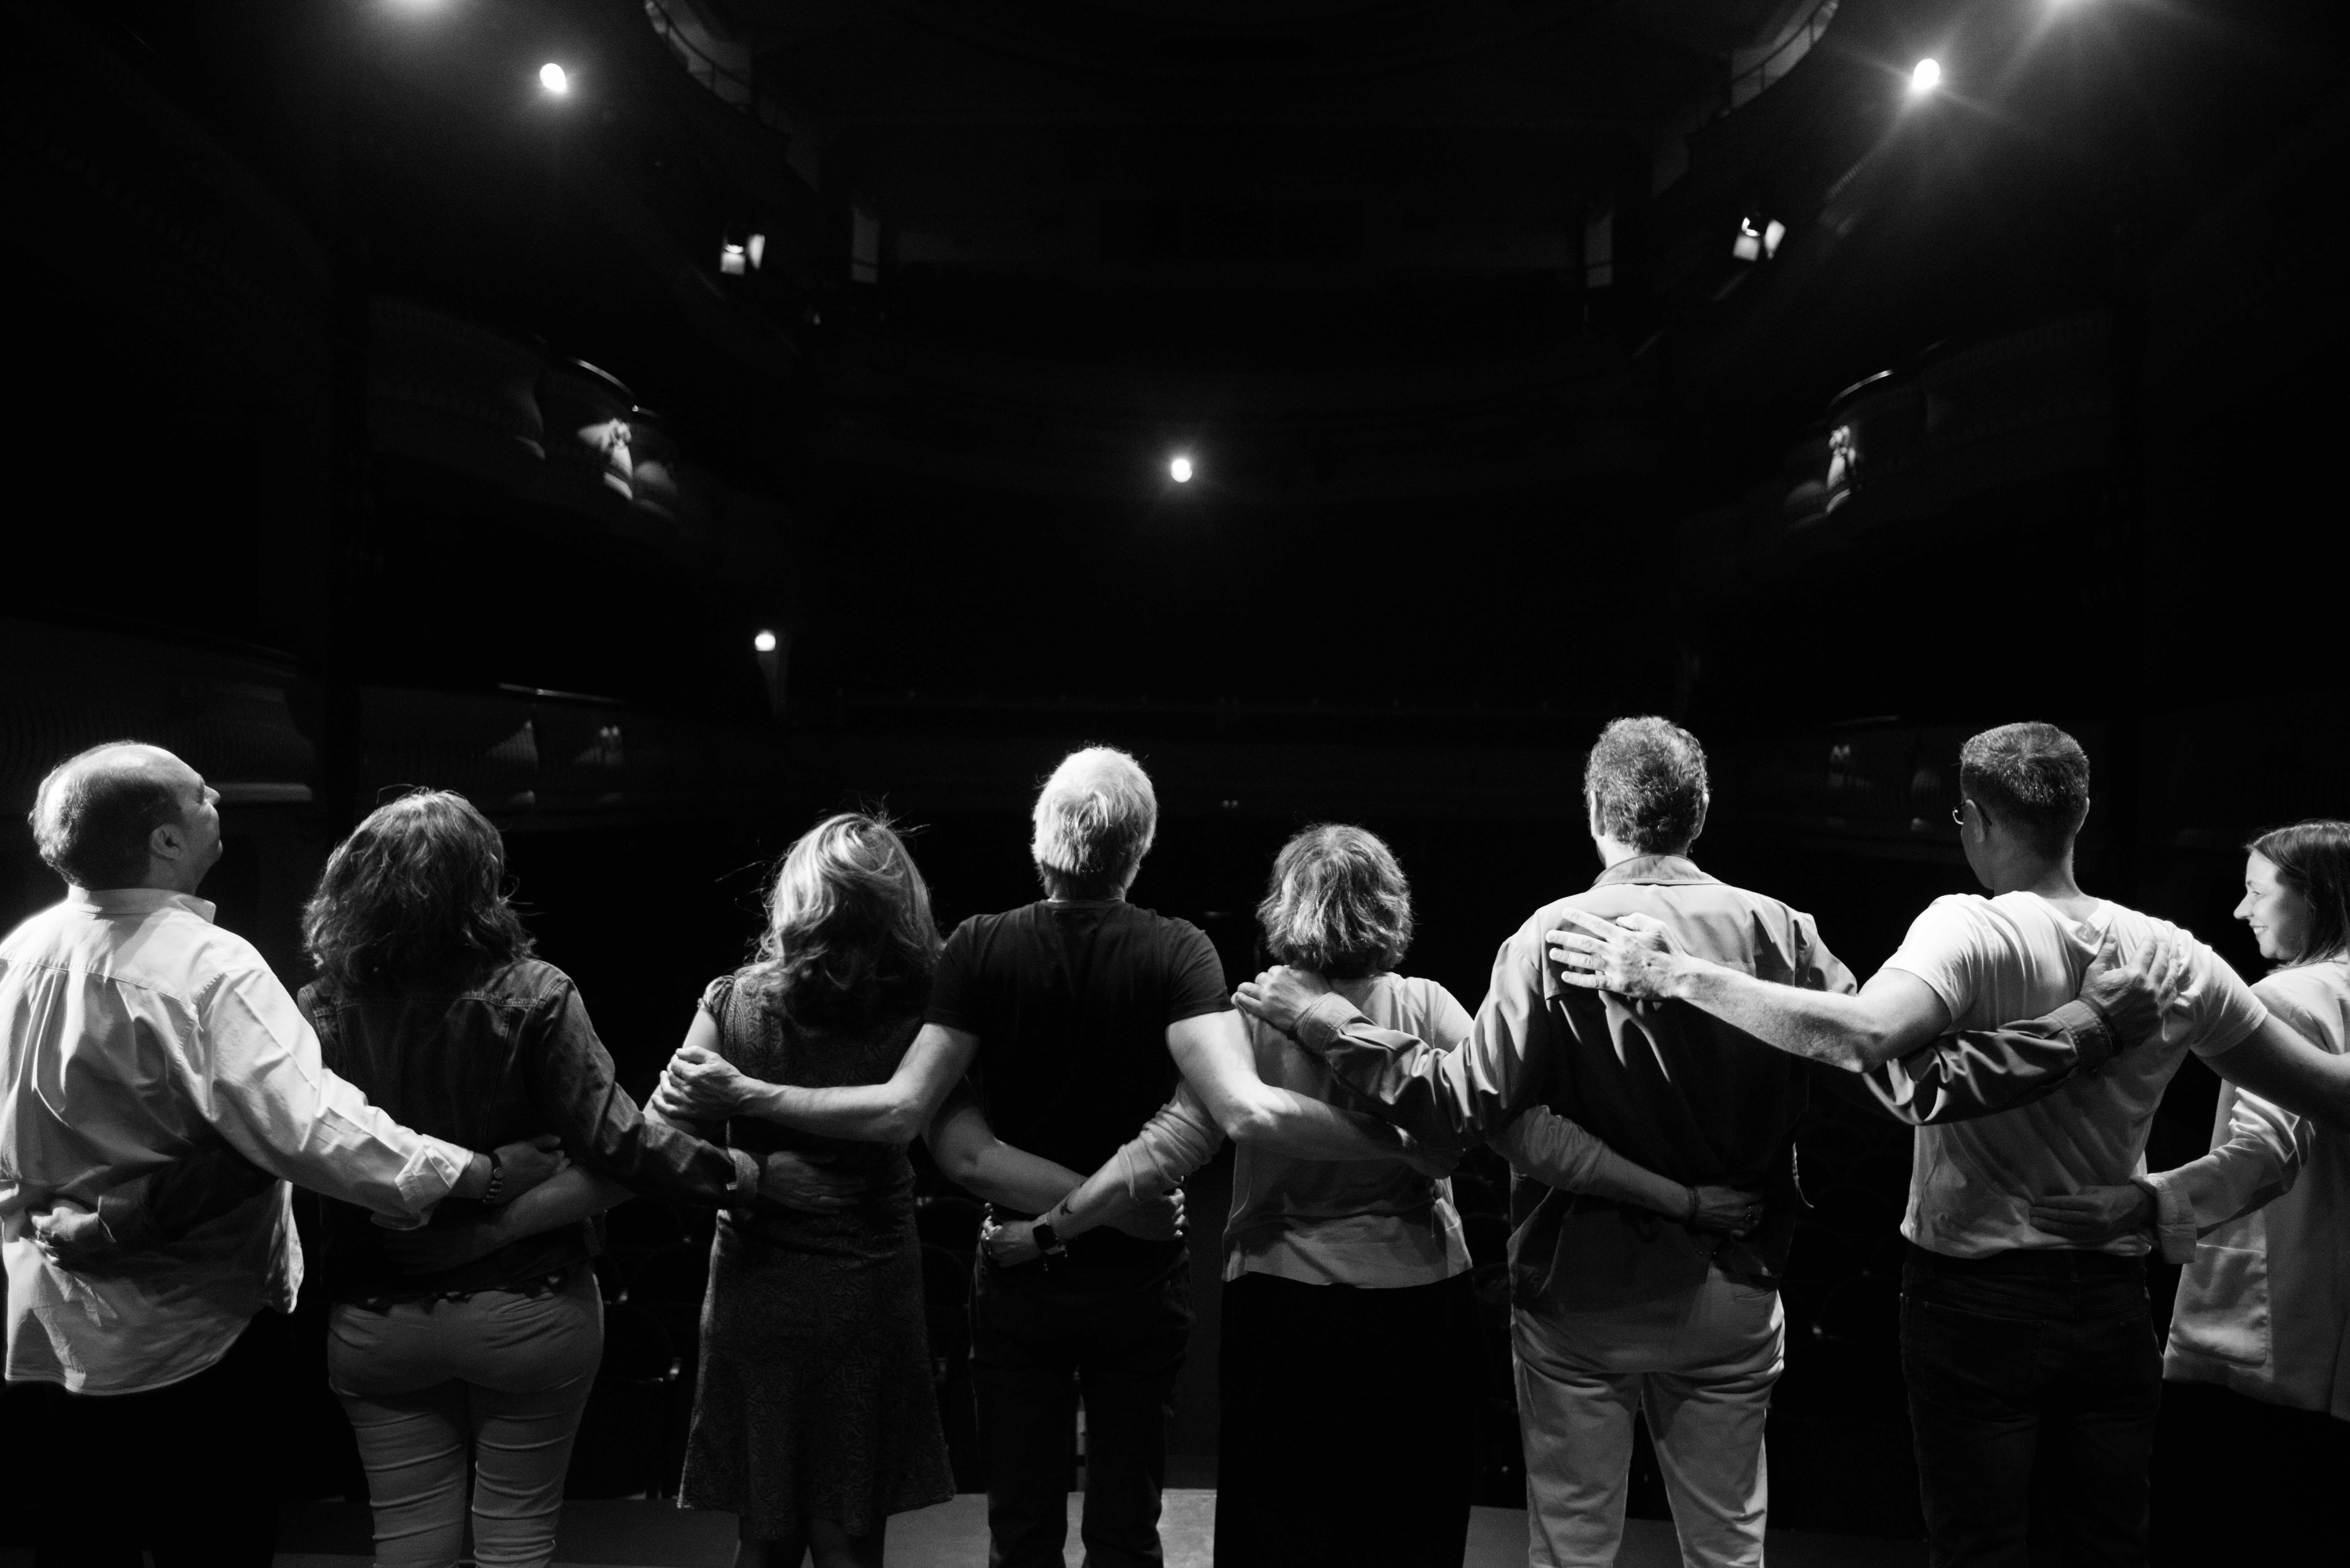 Els autors de Diario Vivo saludant a platea després de la representació | Autor: Diario Vivo